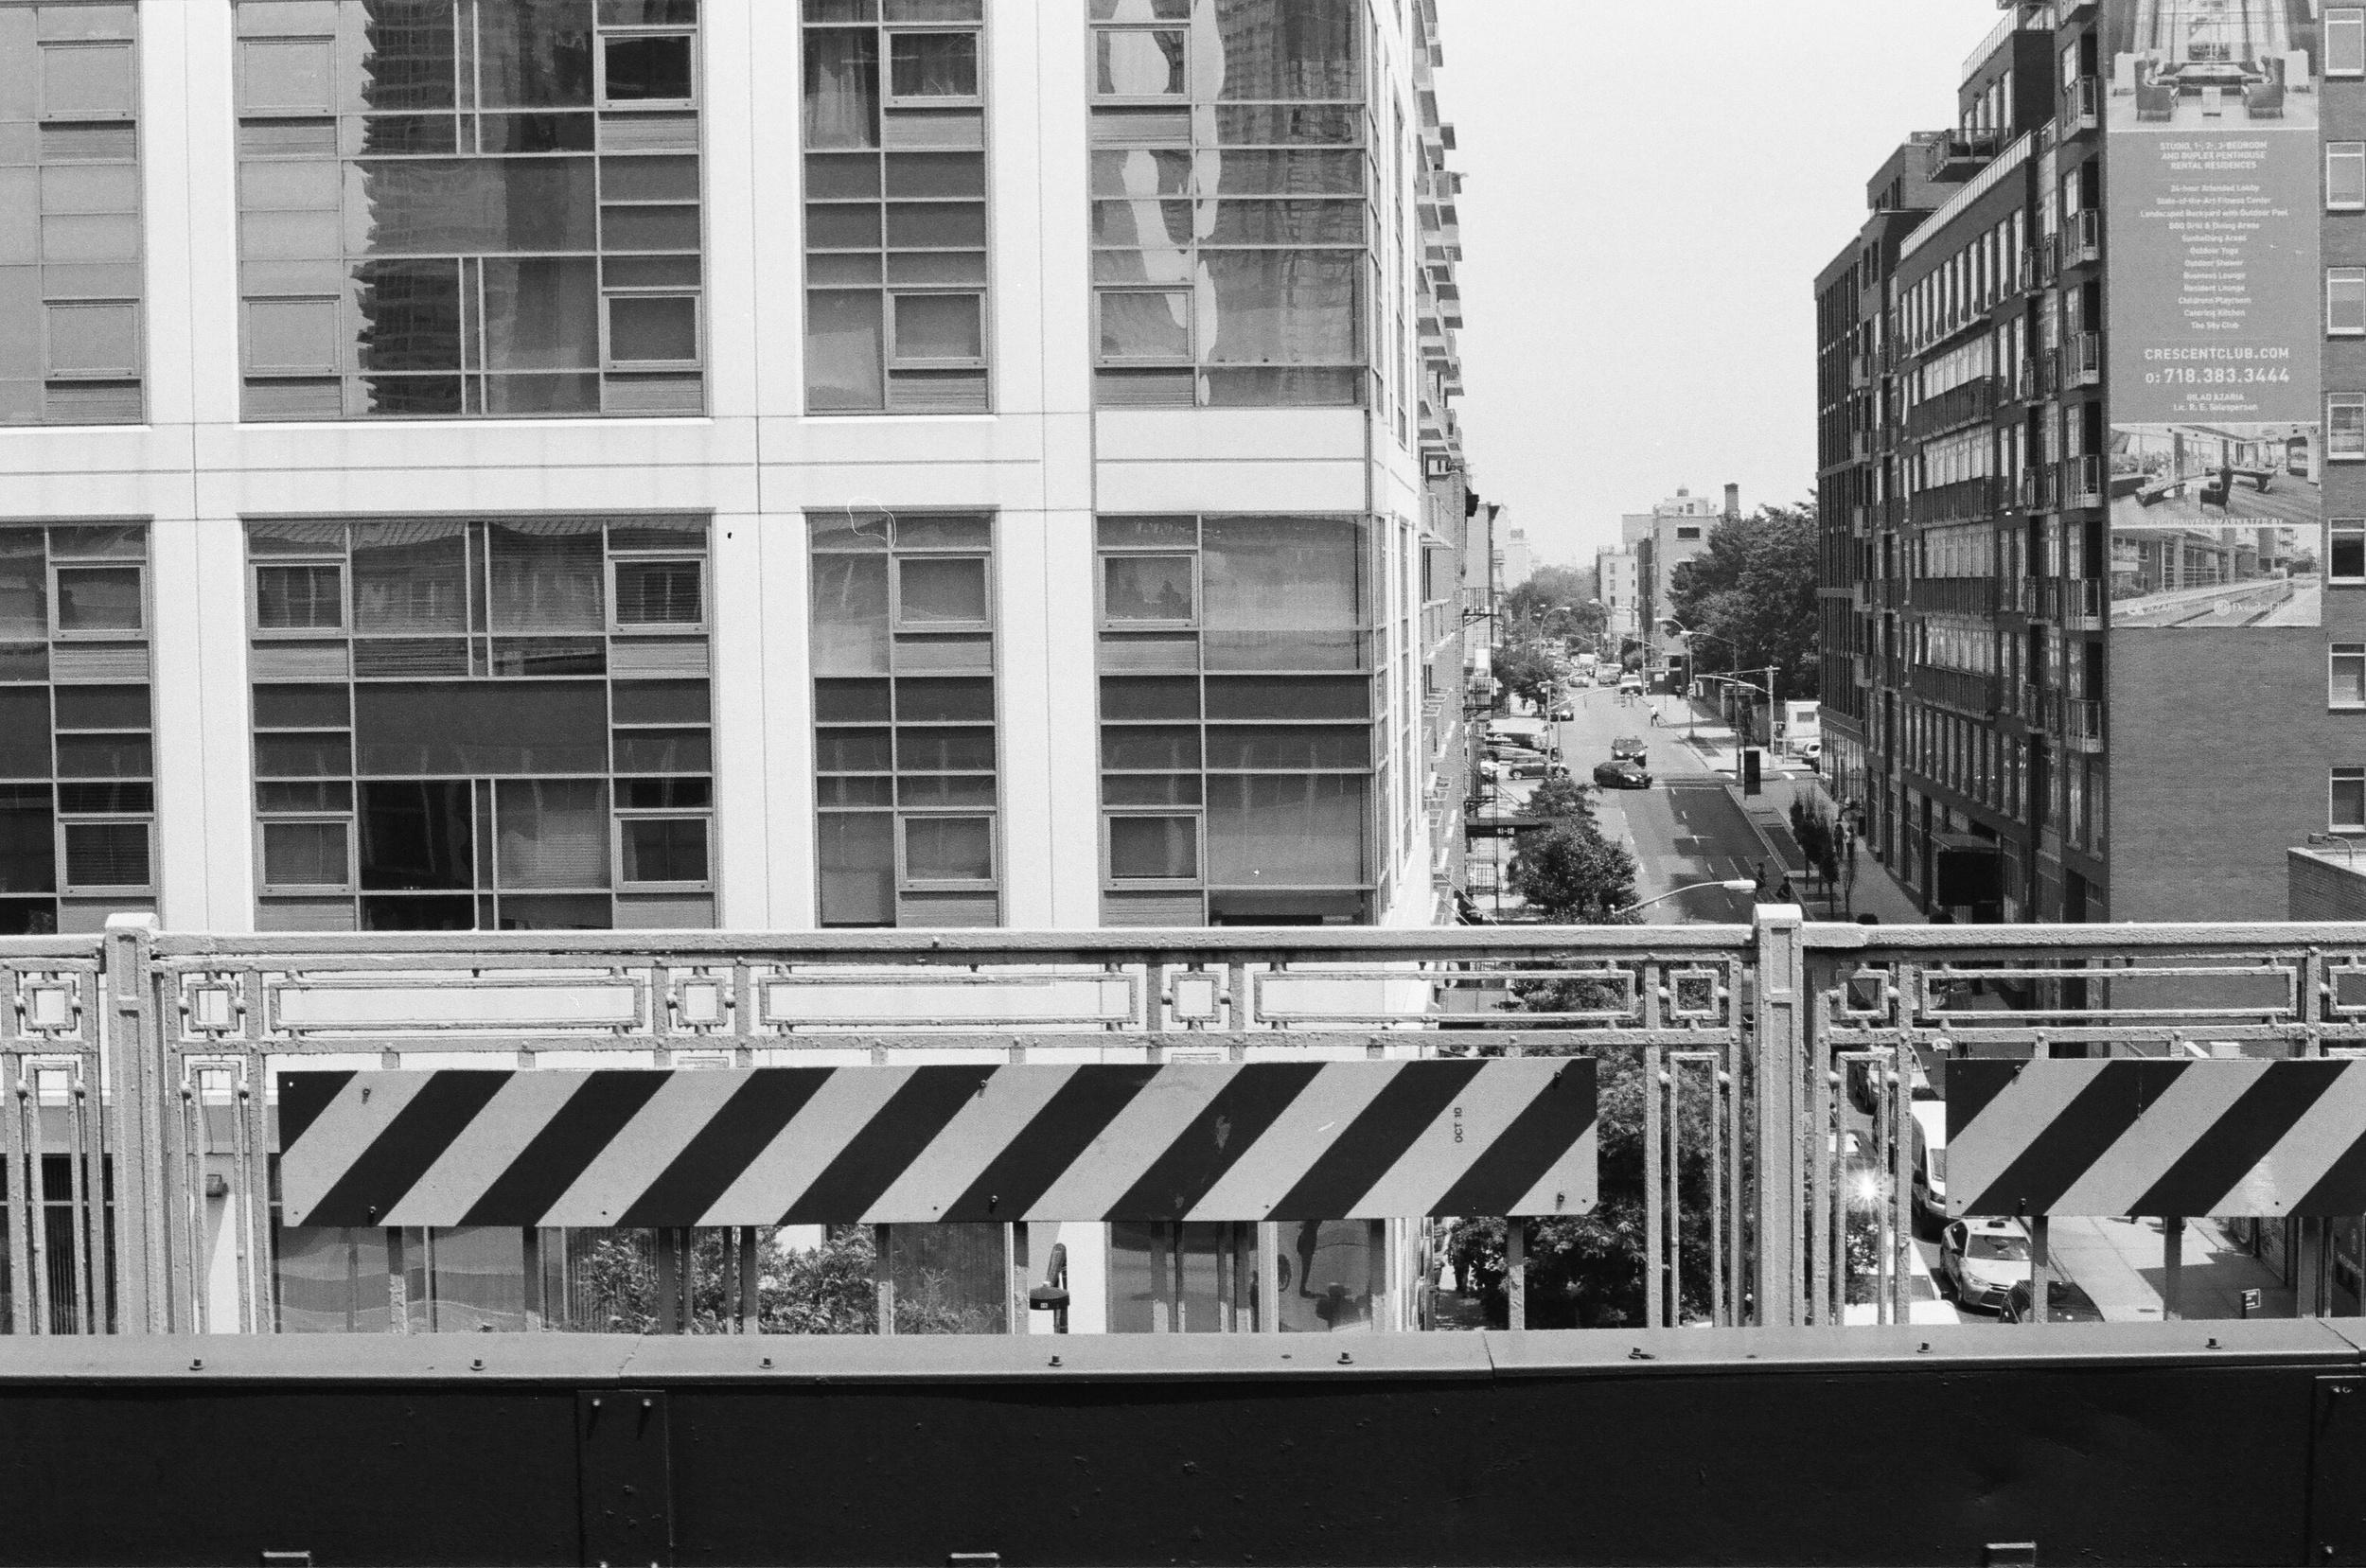 Queens, 7 train, 2016 (35mm)